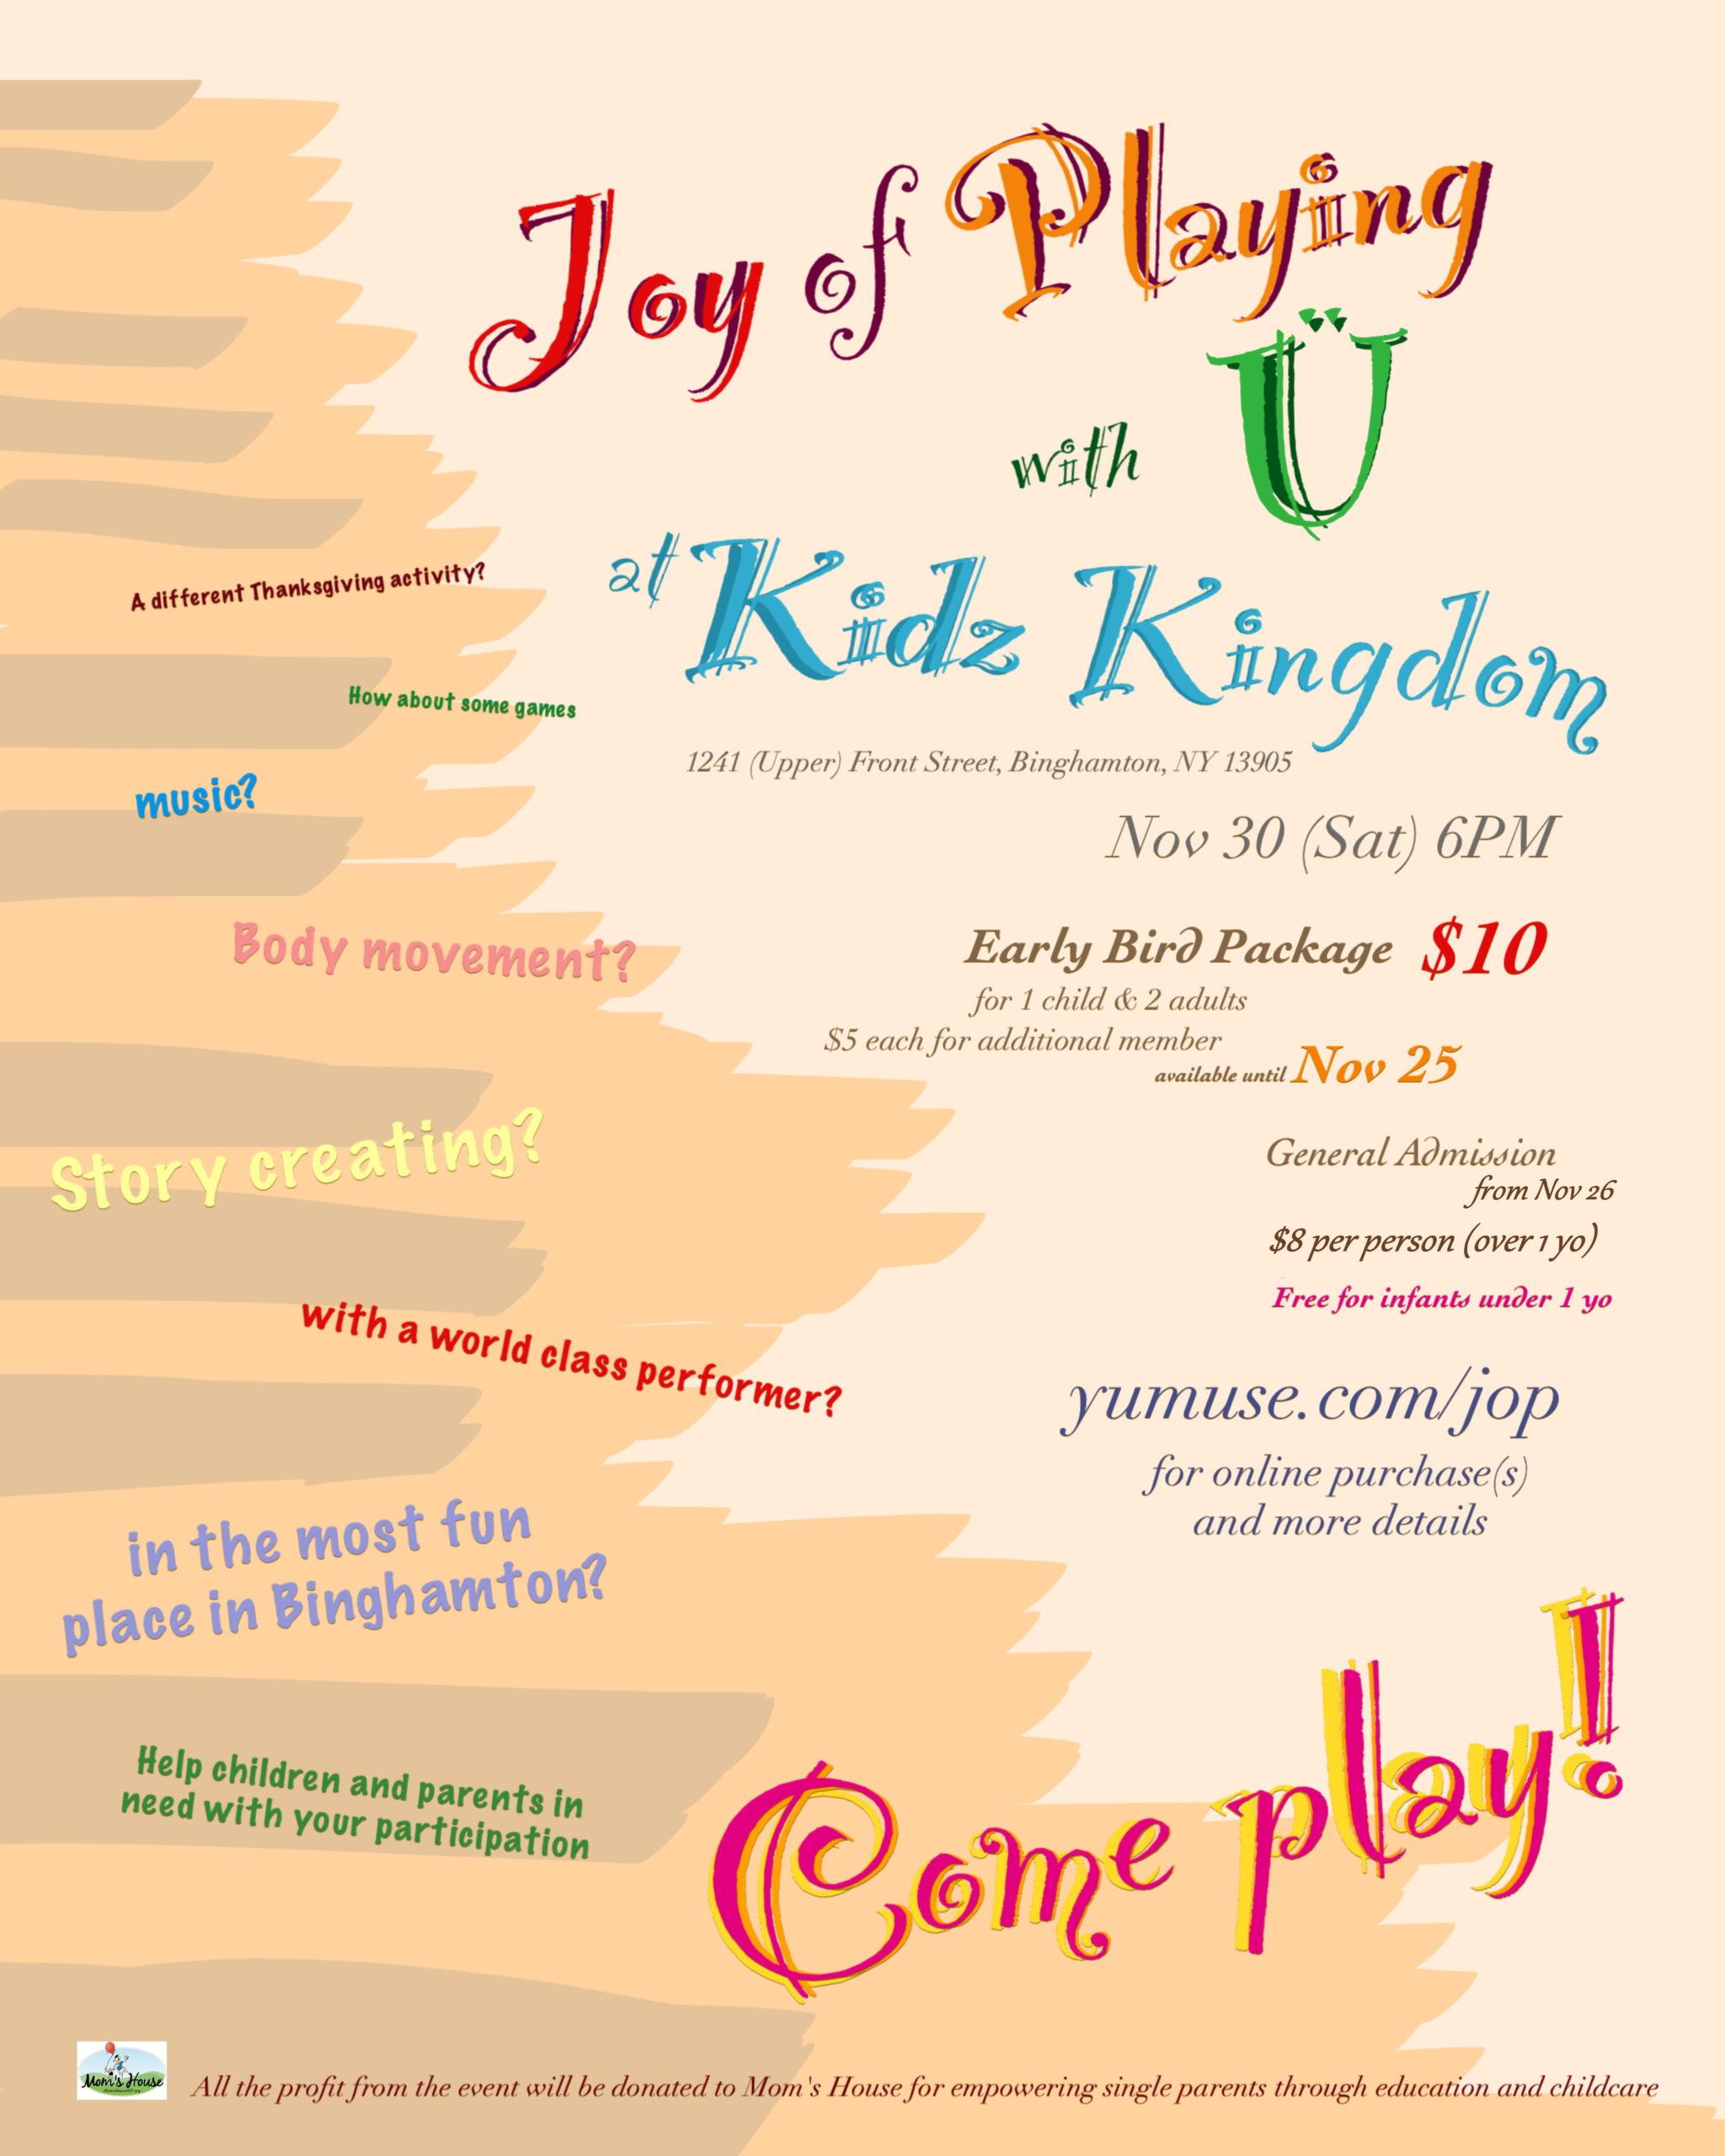 Joy of Playing @ Kidz Kingdom to benefit Mom's House!